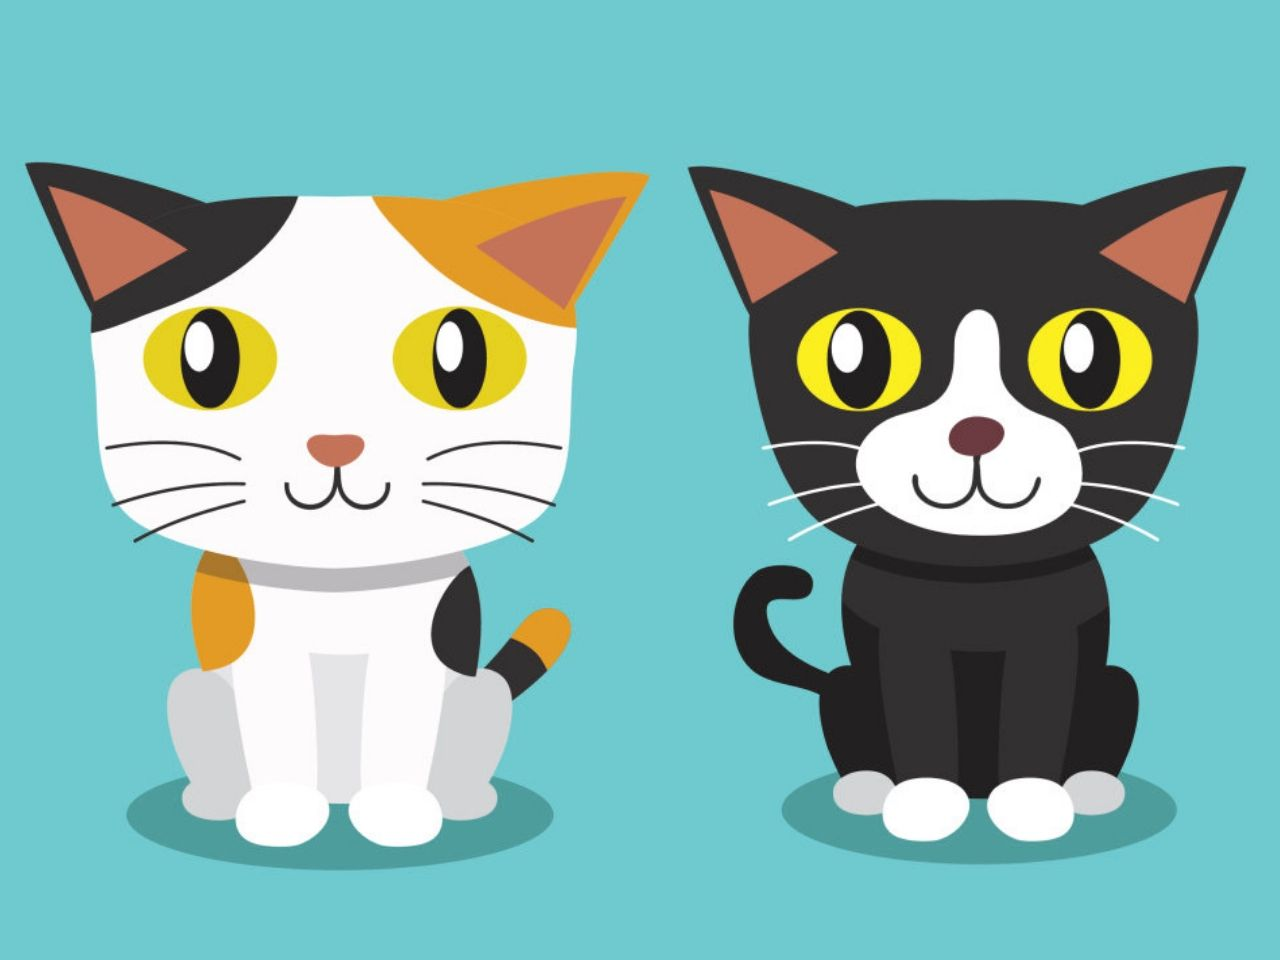 Gambar Kucing Comel Dan Manja Anak Kucing Lucu Dan Paling Cute